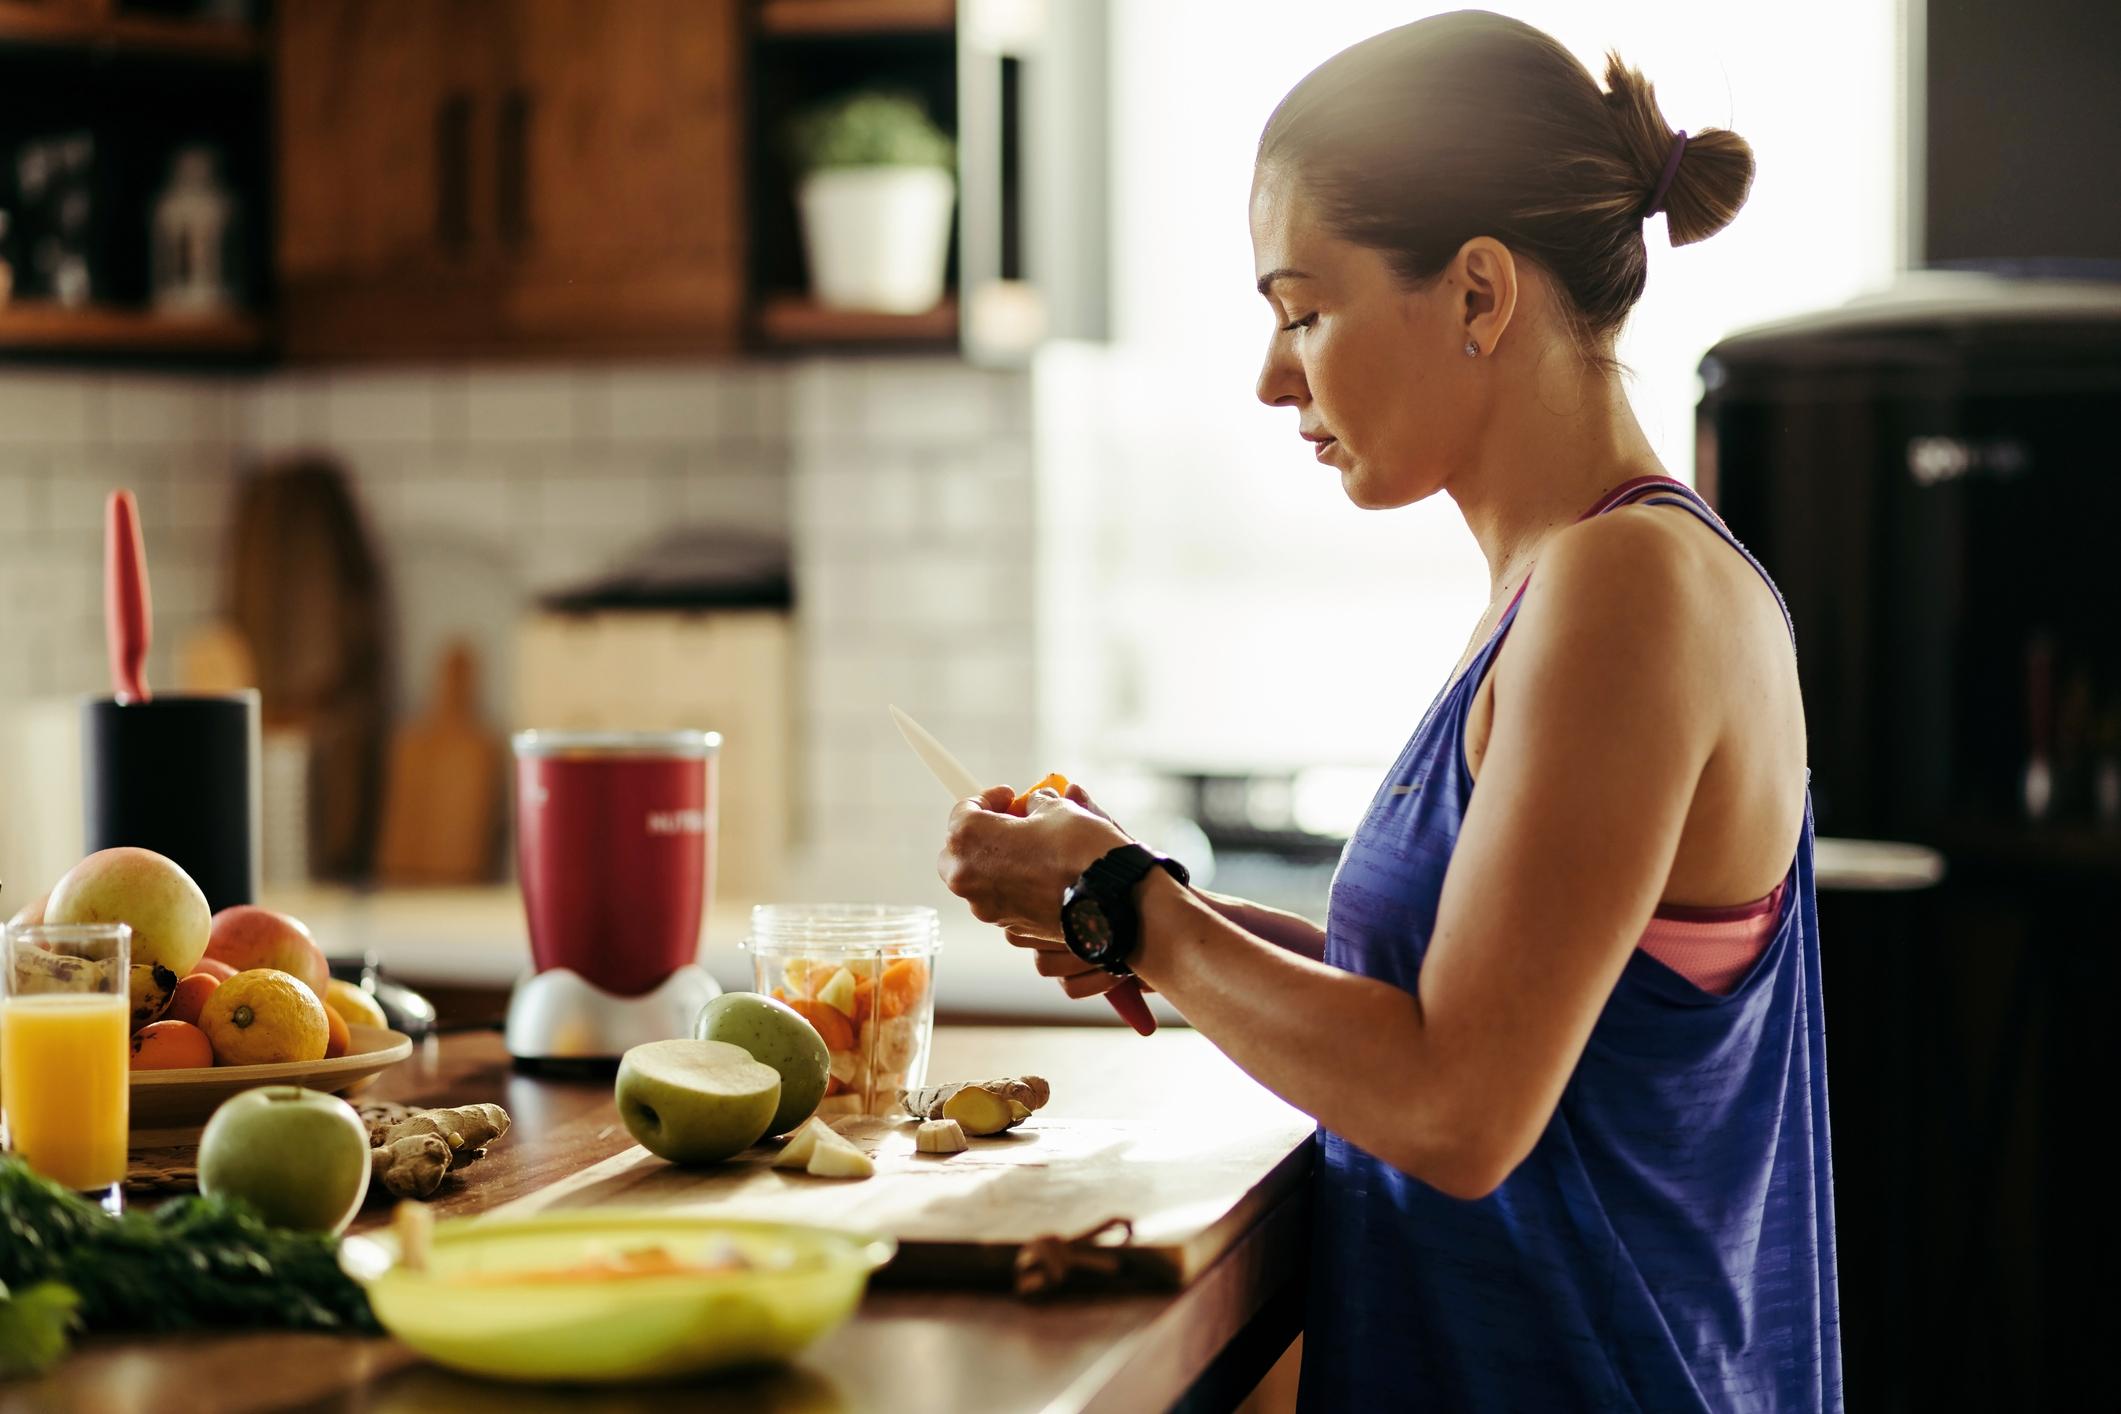 การควบคุมอาหารเพื่อสุขภาพที่ดี